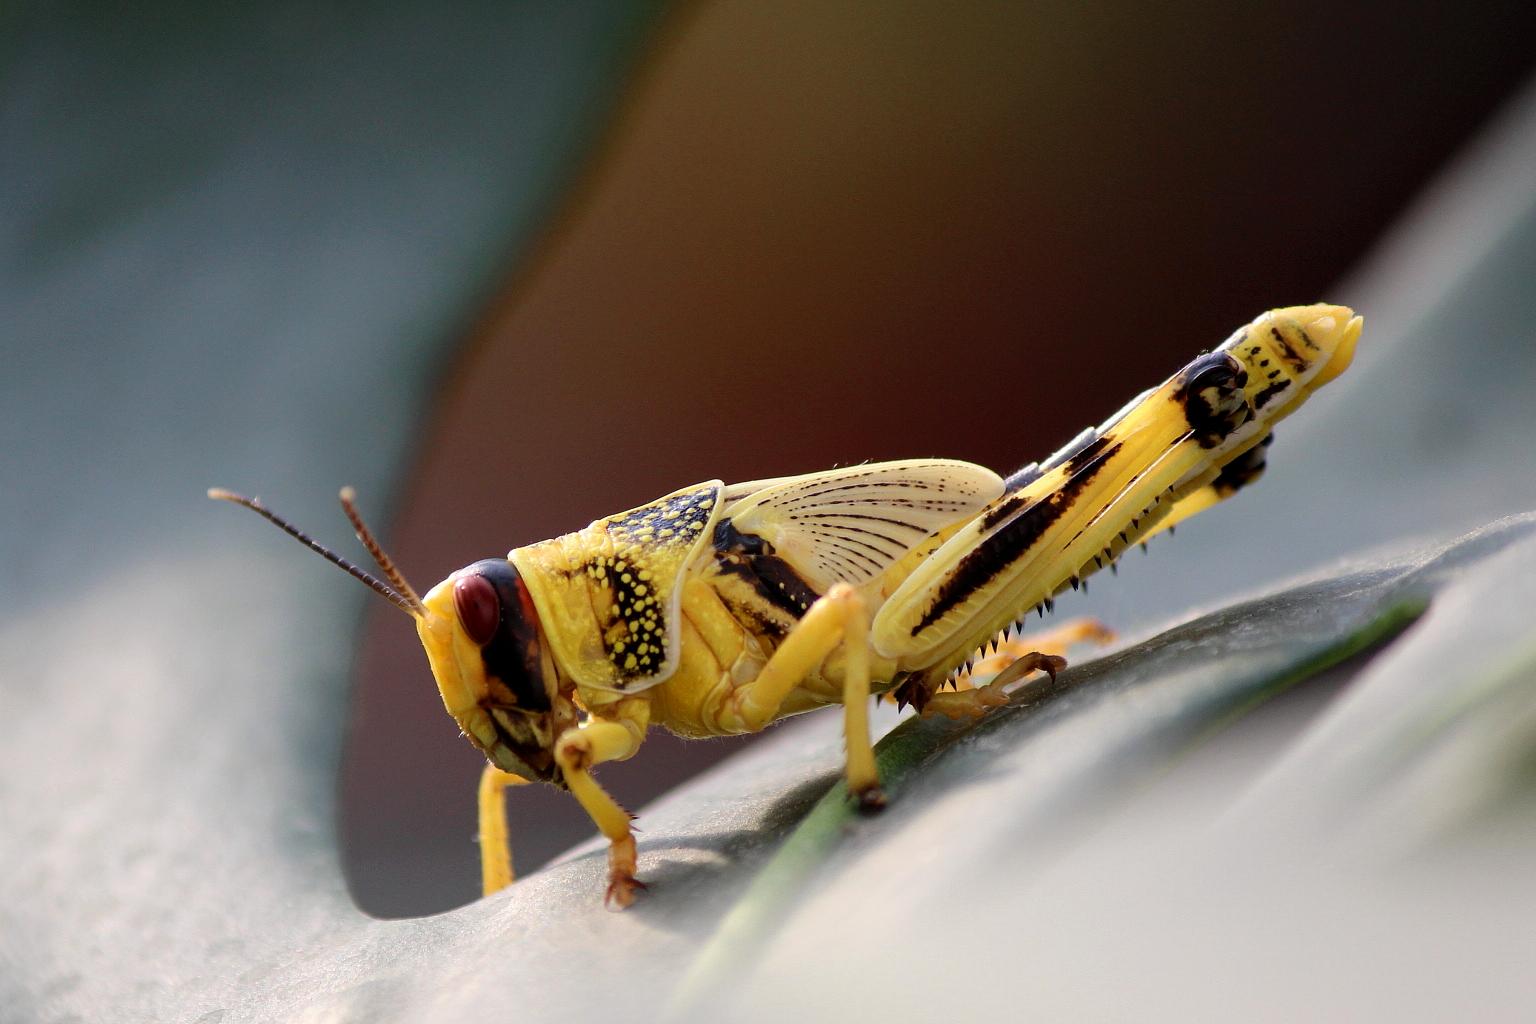 Wüstenheuschrecke (Schistocerca gregaria) #2